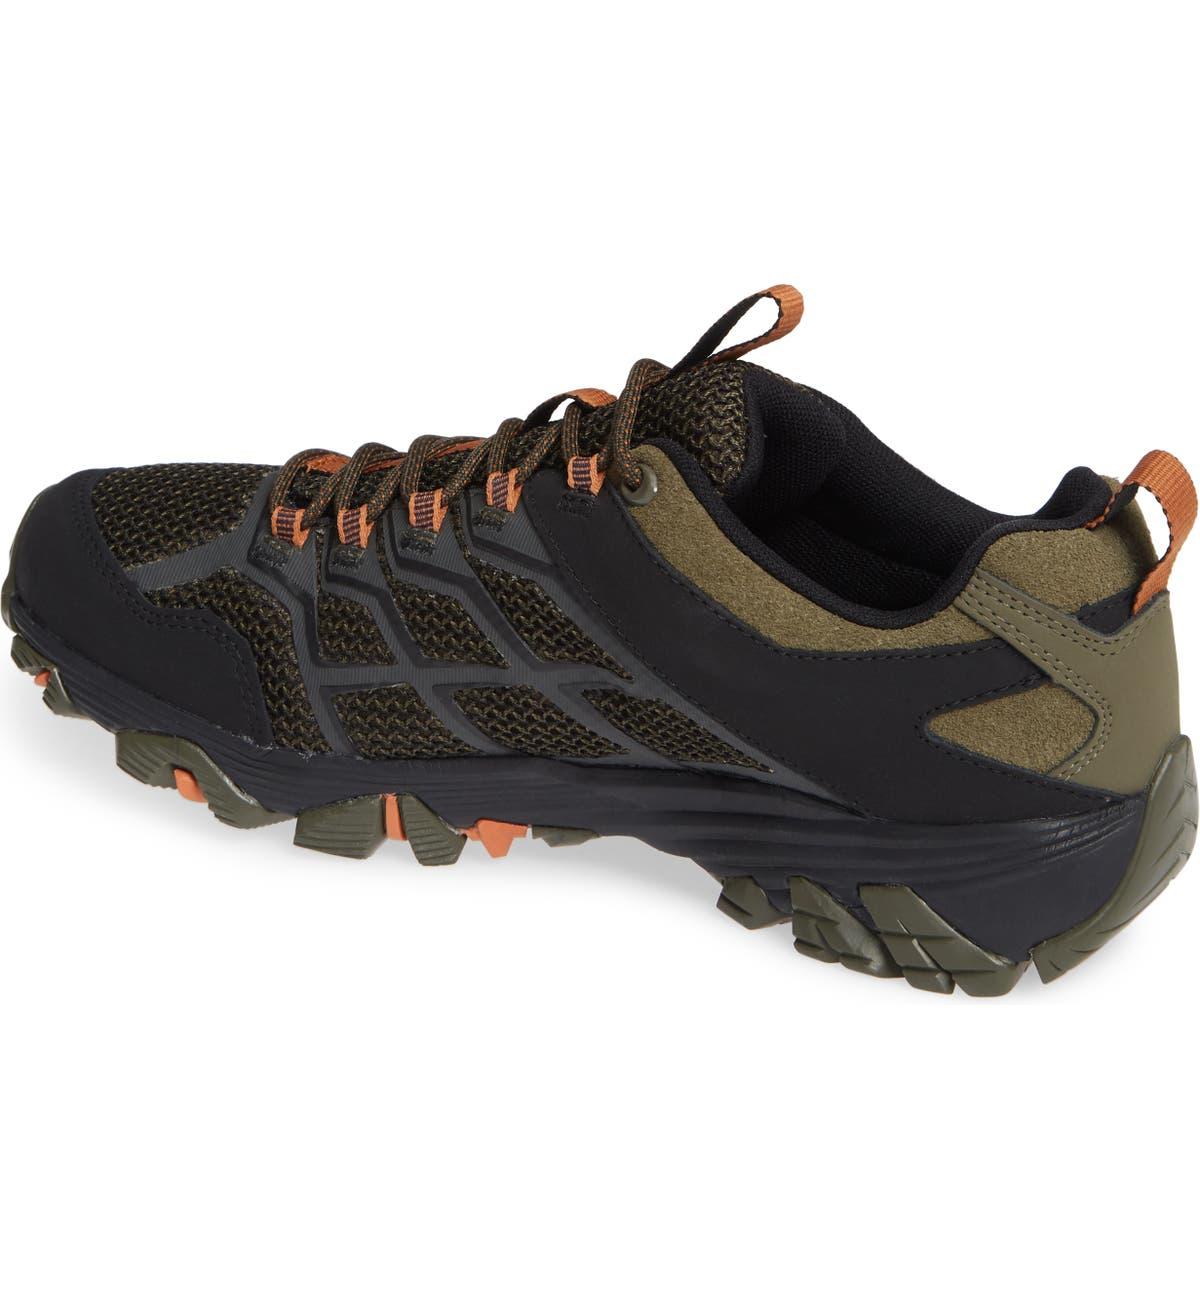 d9f724dd190 Moab FST 2 Waterproof Hiking Shoe